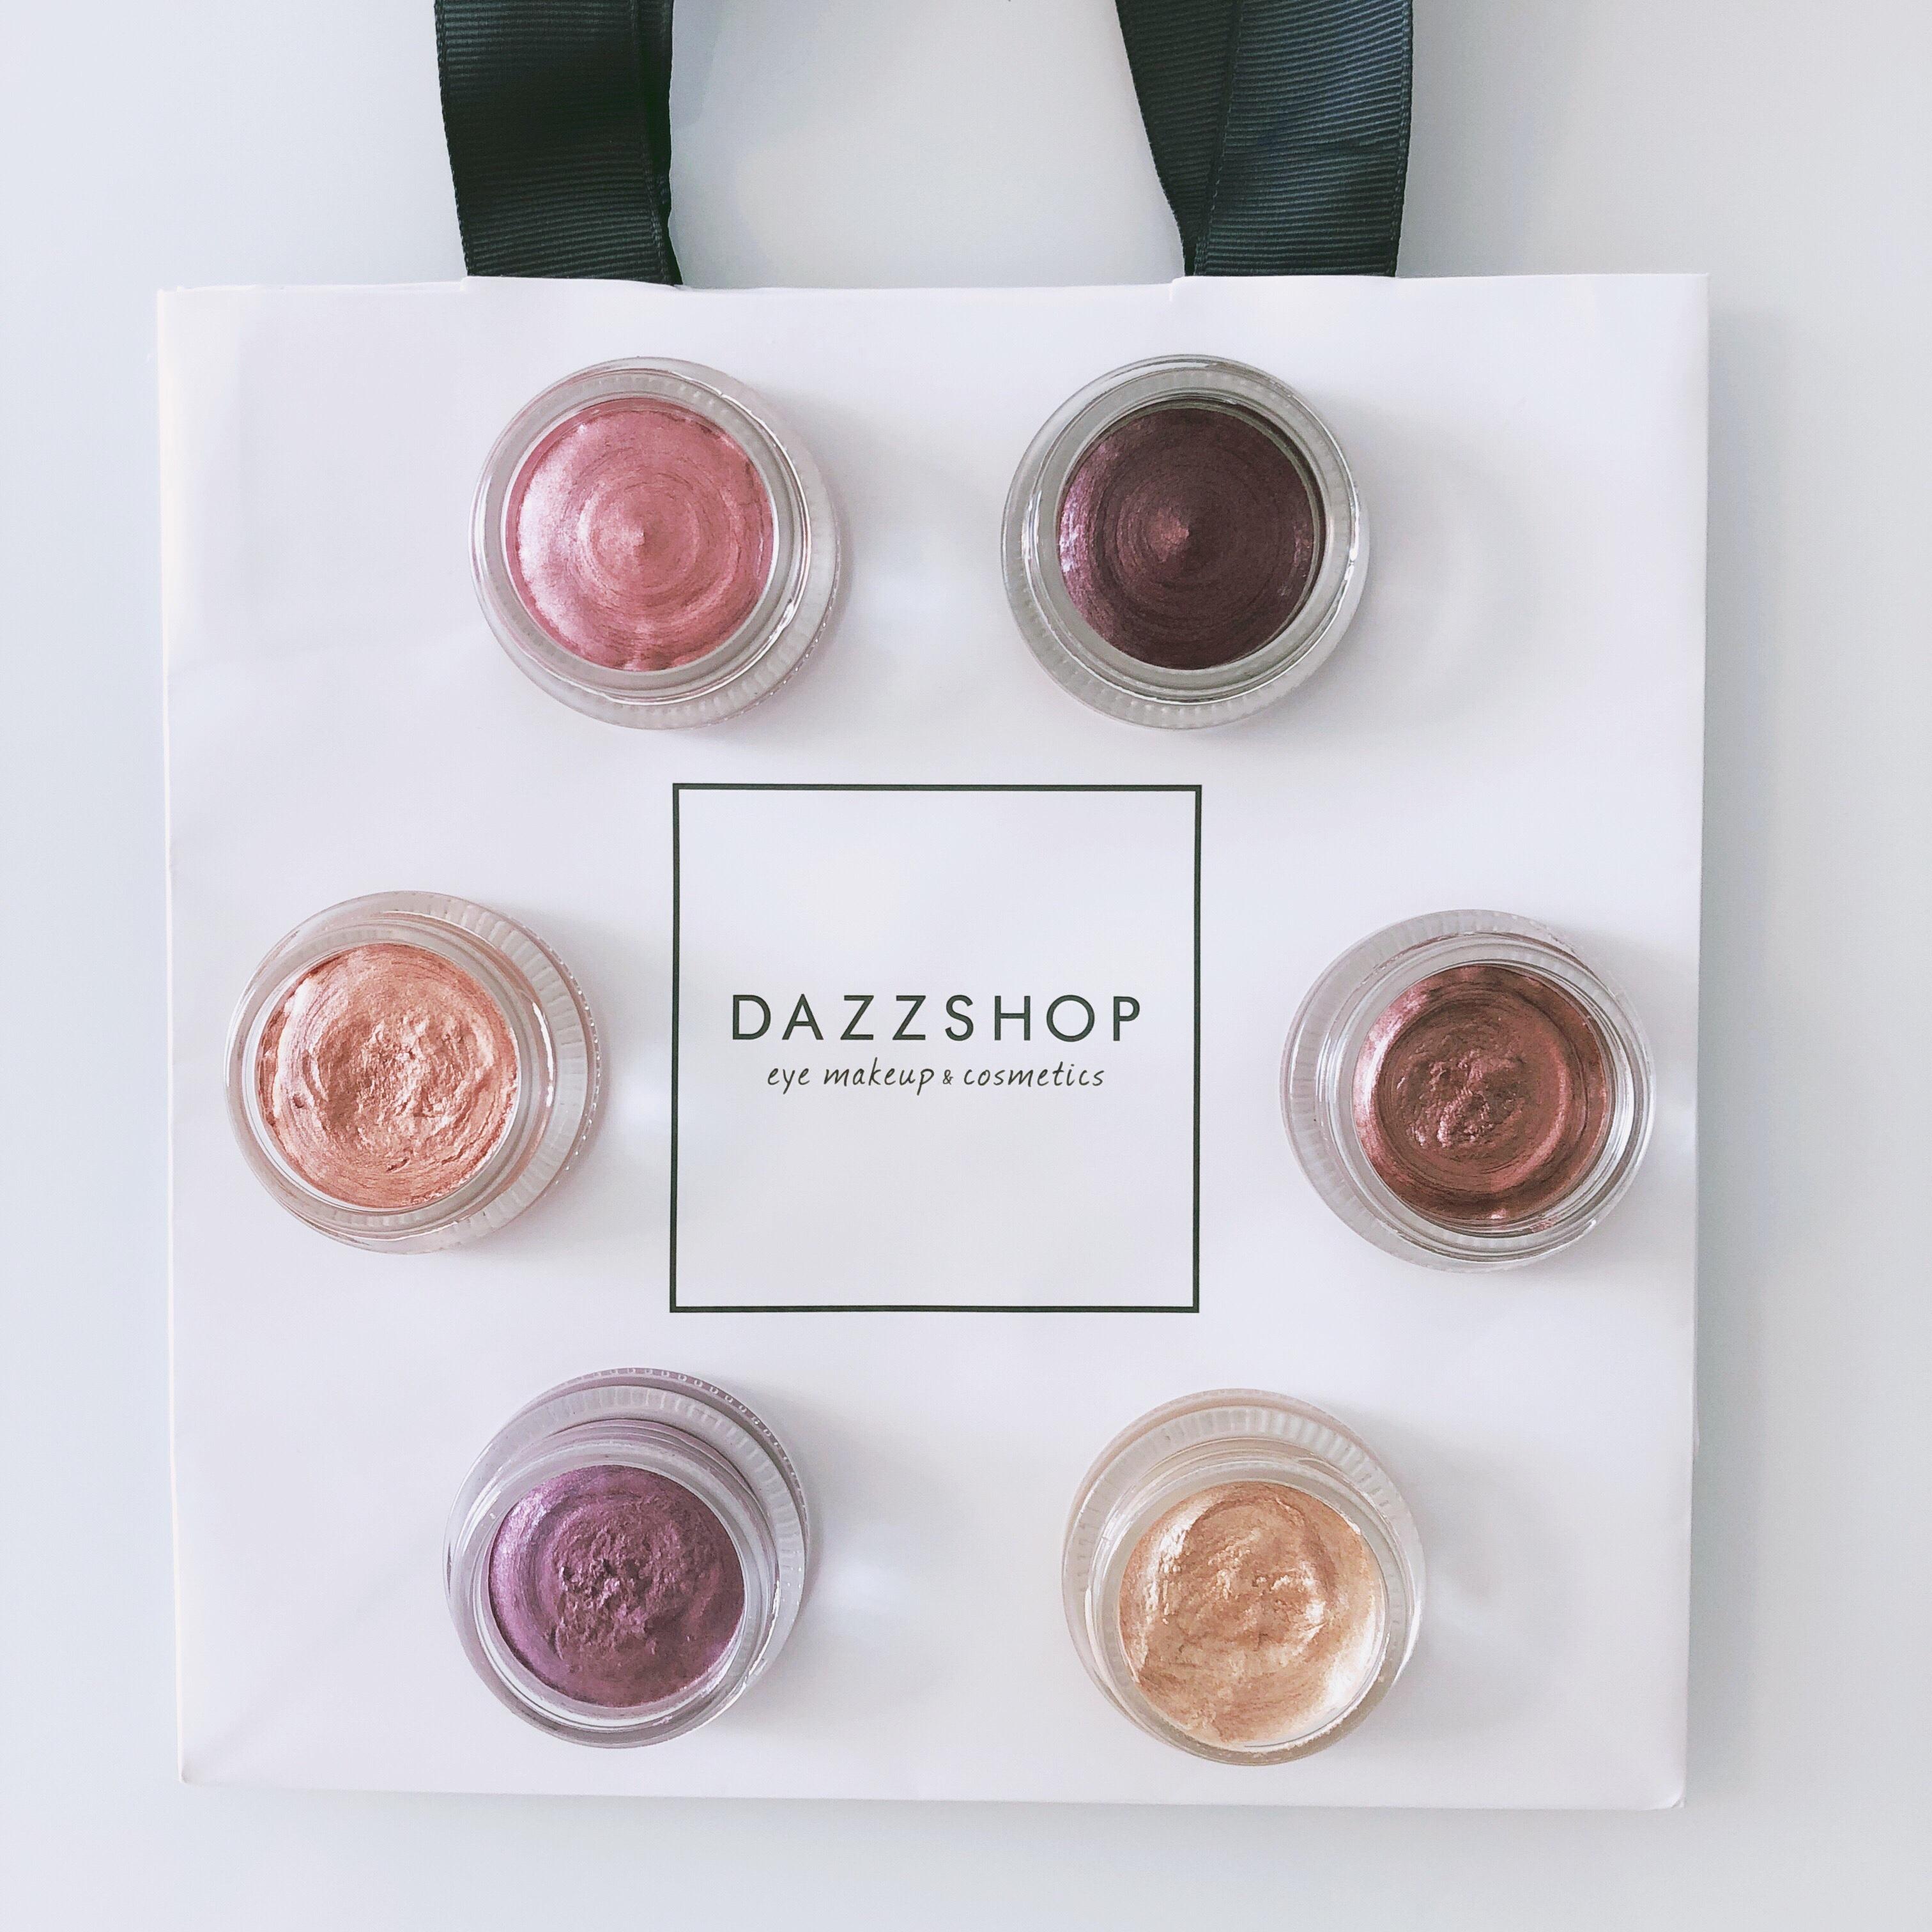 <DAZZSHOP>ダズショップのスパークリングジェムのおすすめ6色(MELLOW TUNE・CINEMATIC・ARDOR・FLASH・GOLDBULLION・ESCAPE)